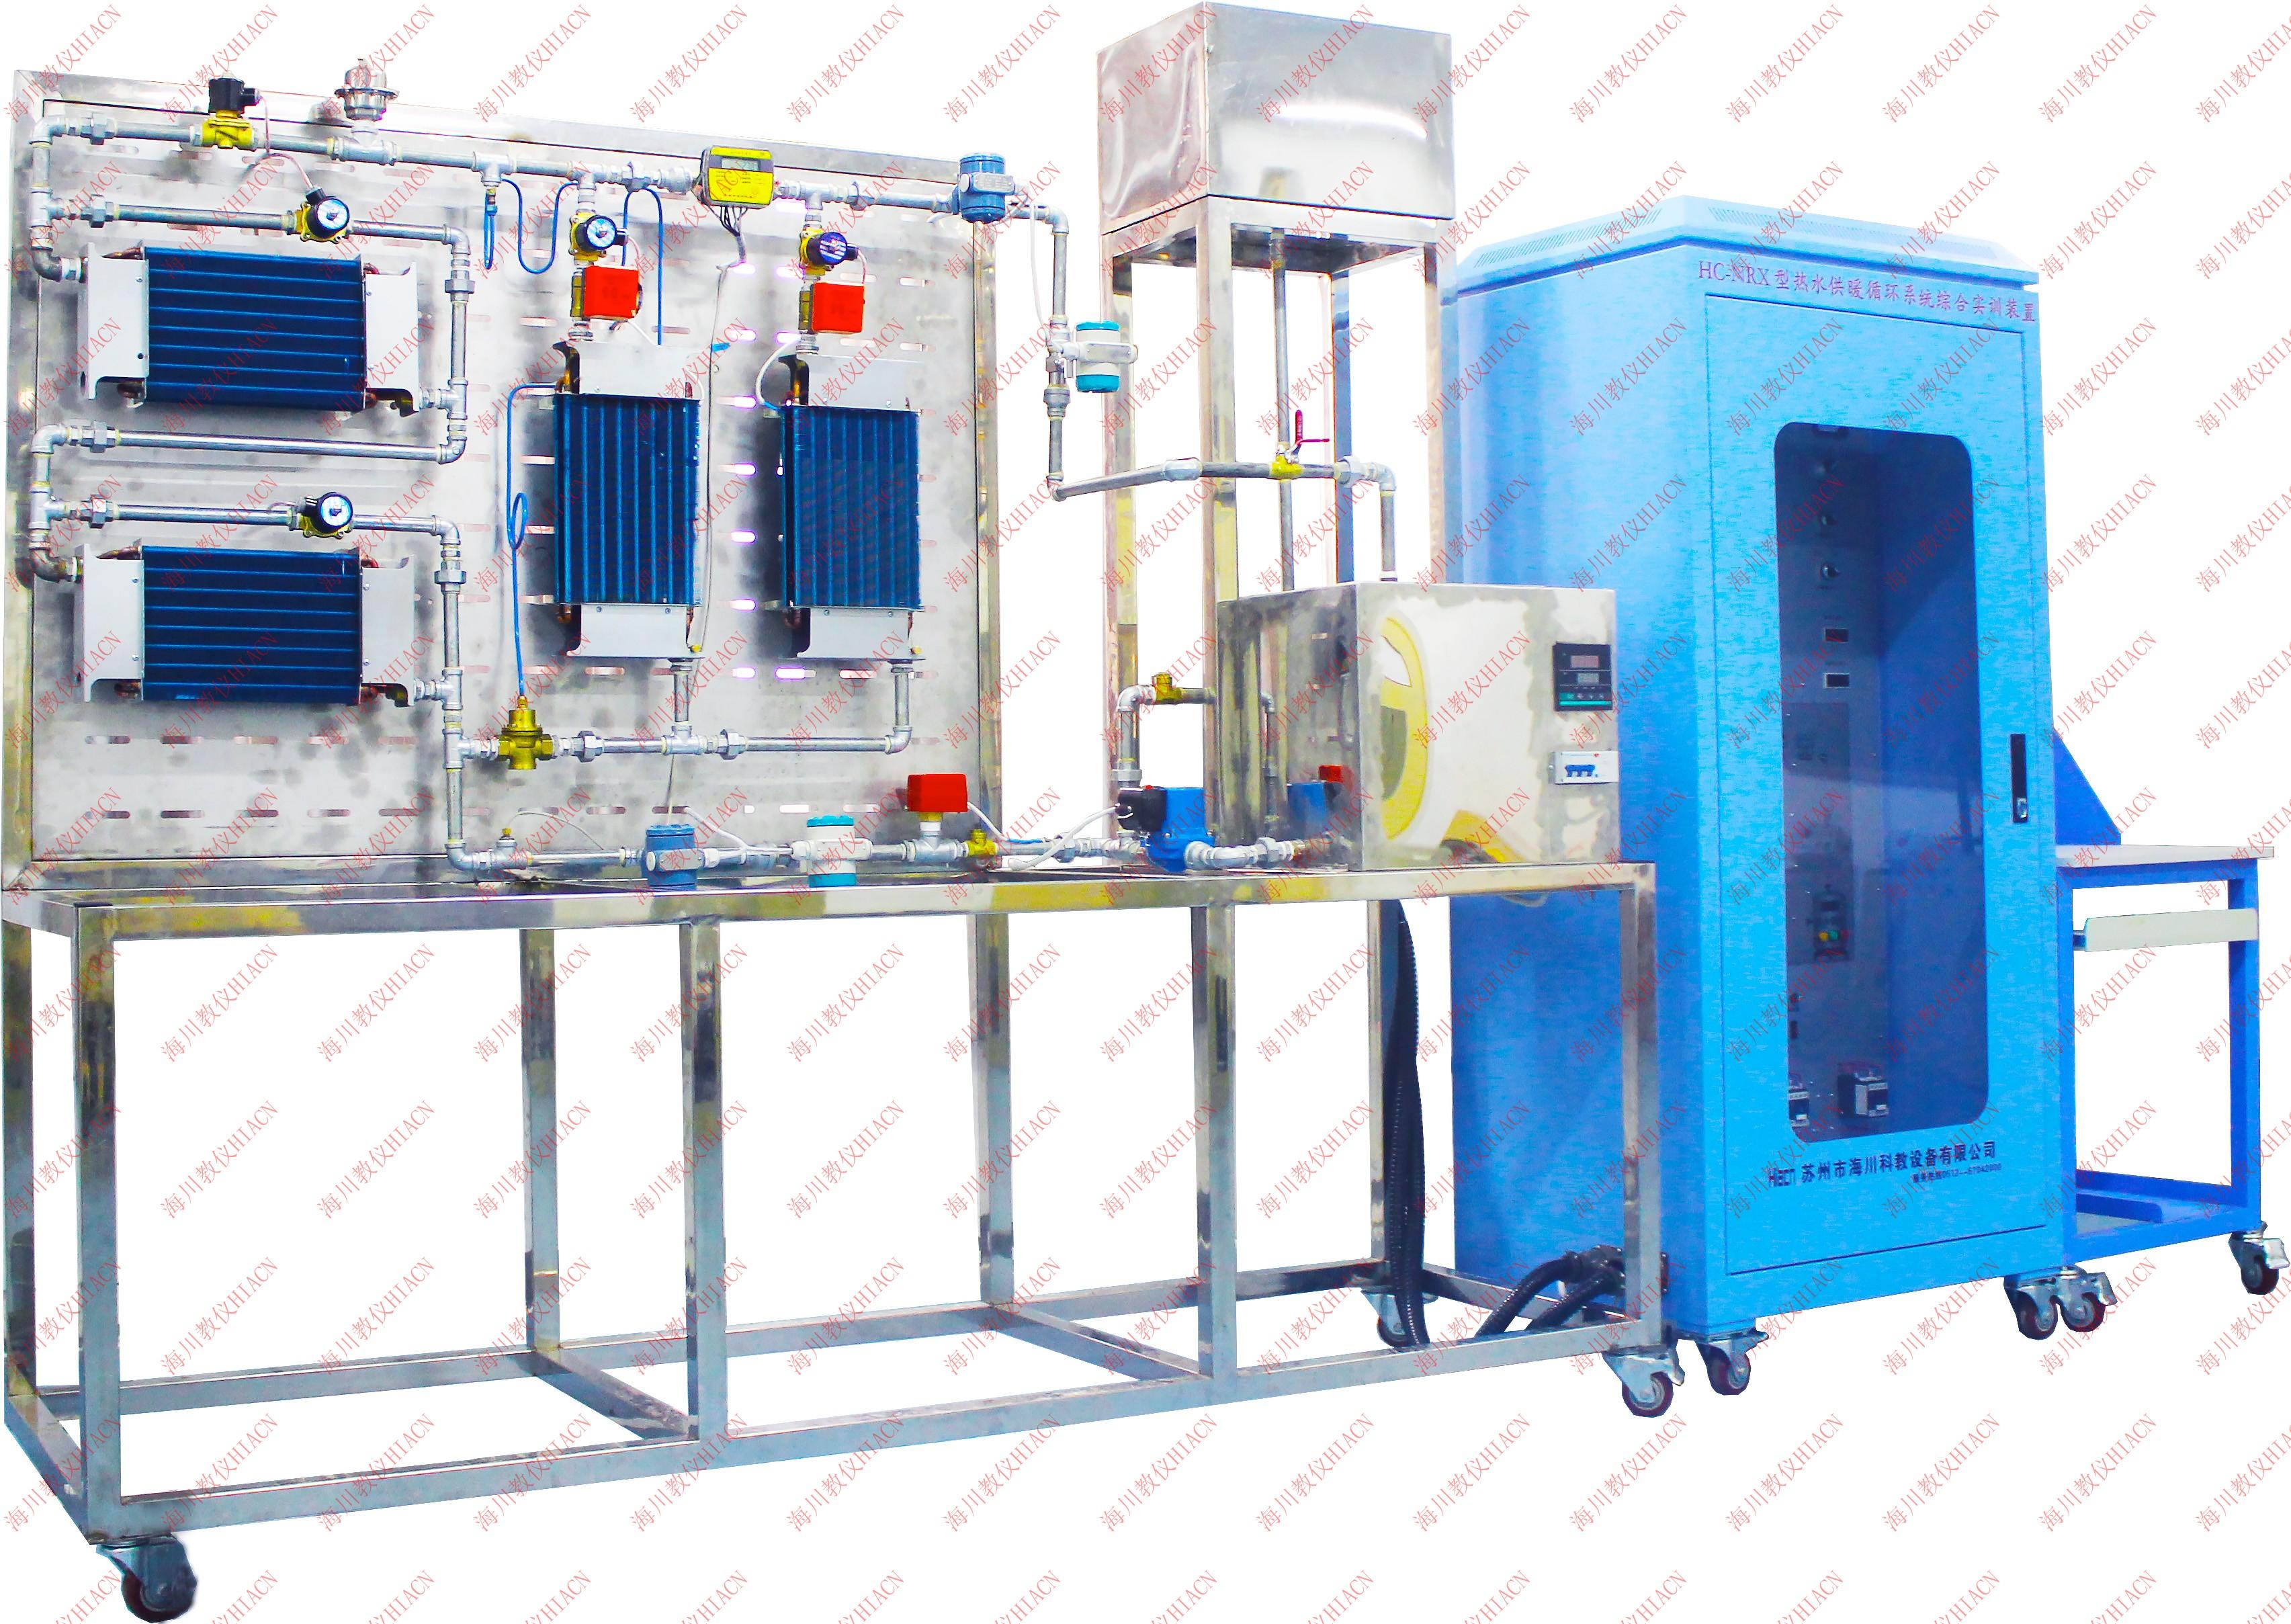 热水供暖循环系统综合实训装置产品图片